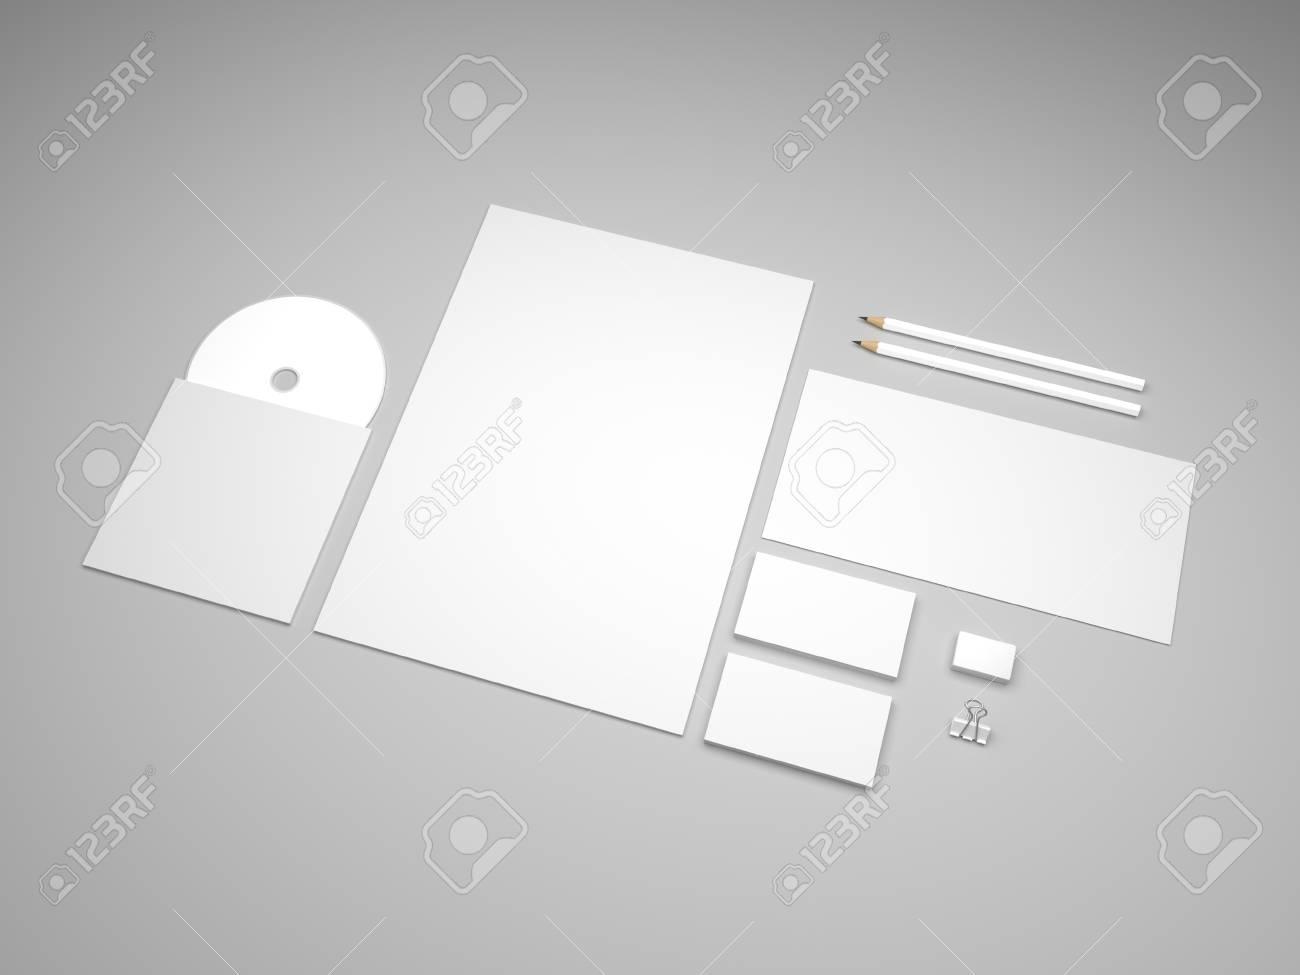 Maquette De Papeterie Avec Enveloppe Cartes Visite Et Papier